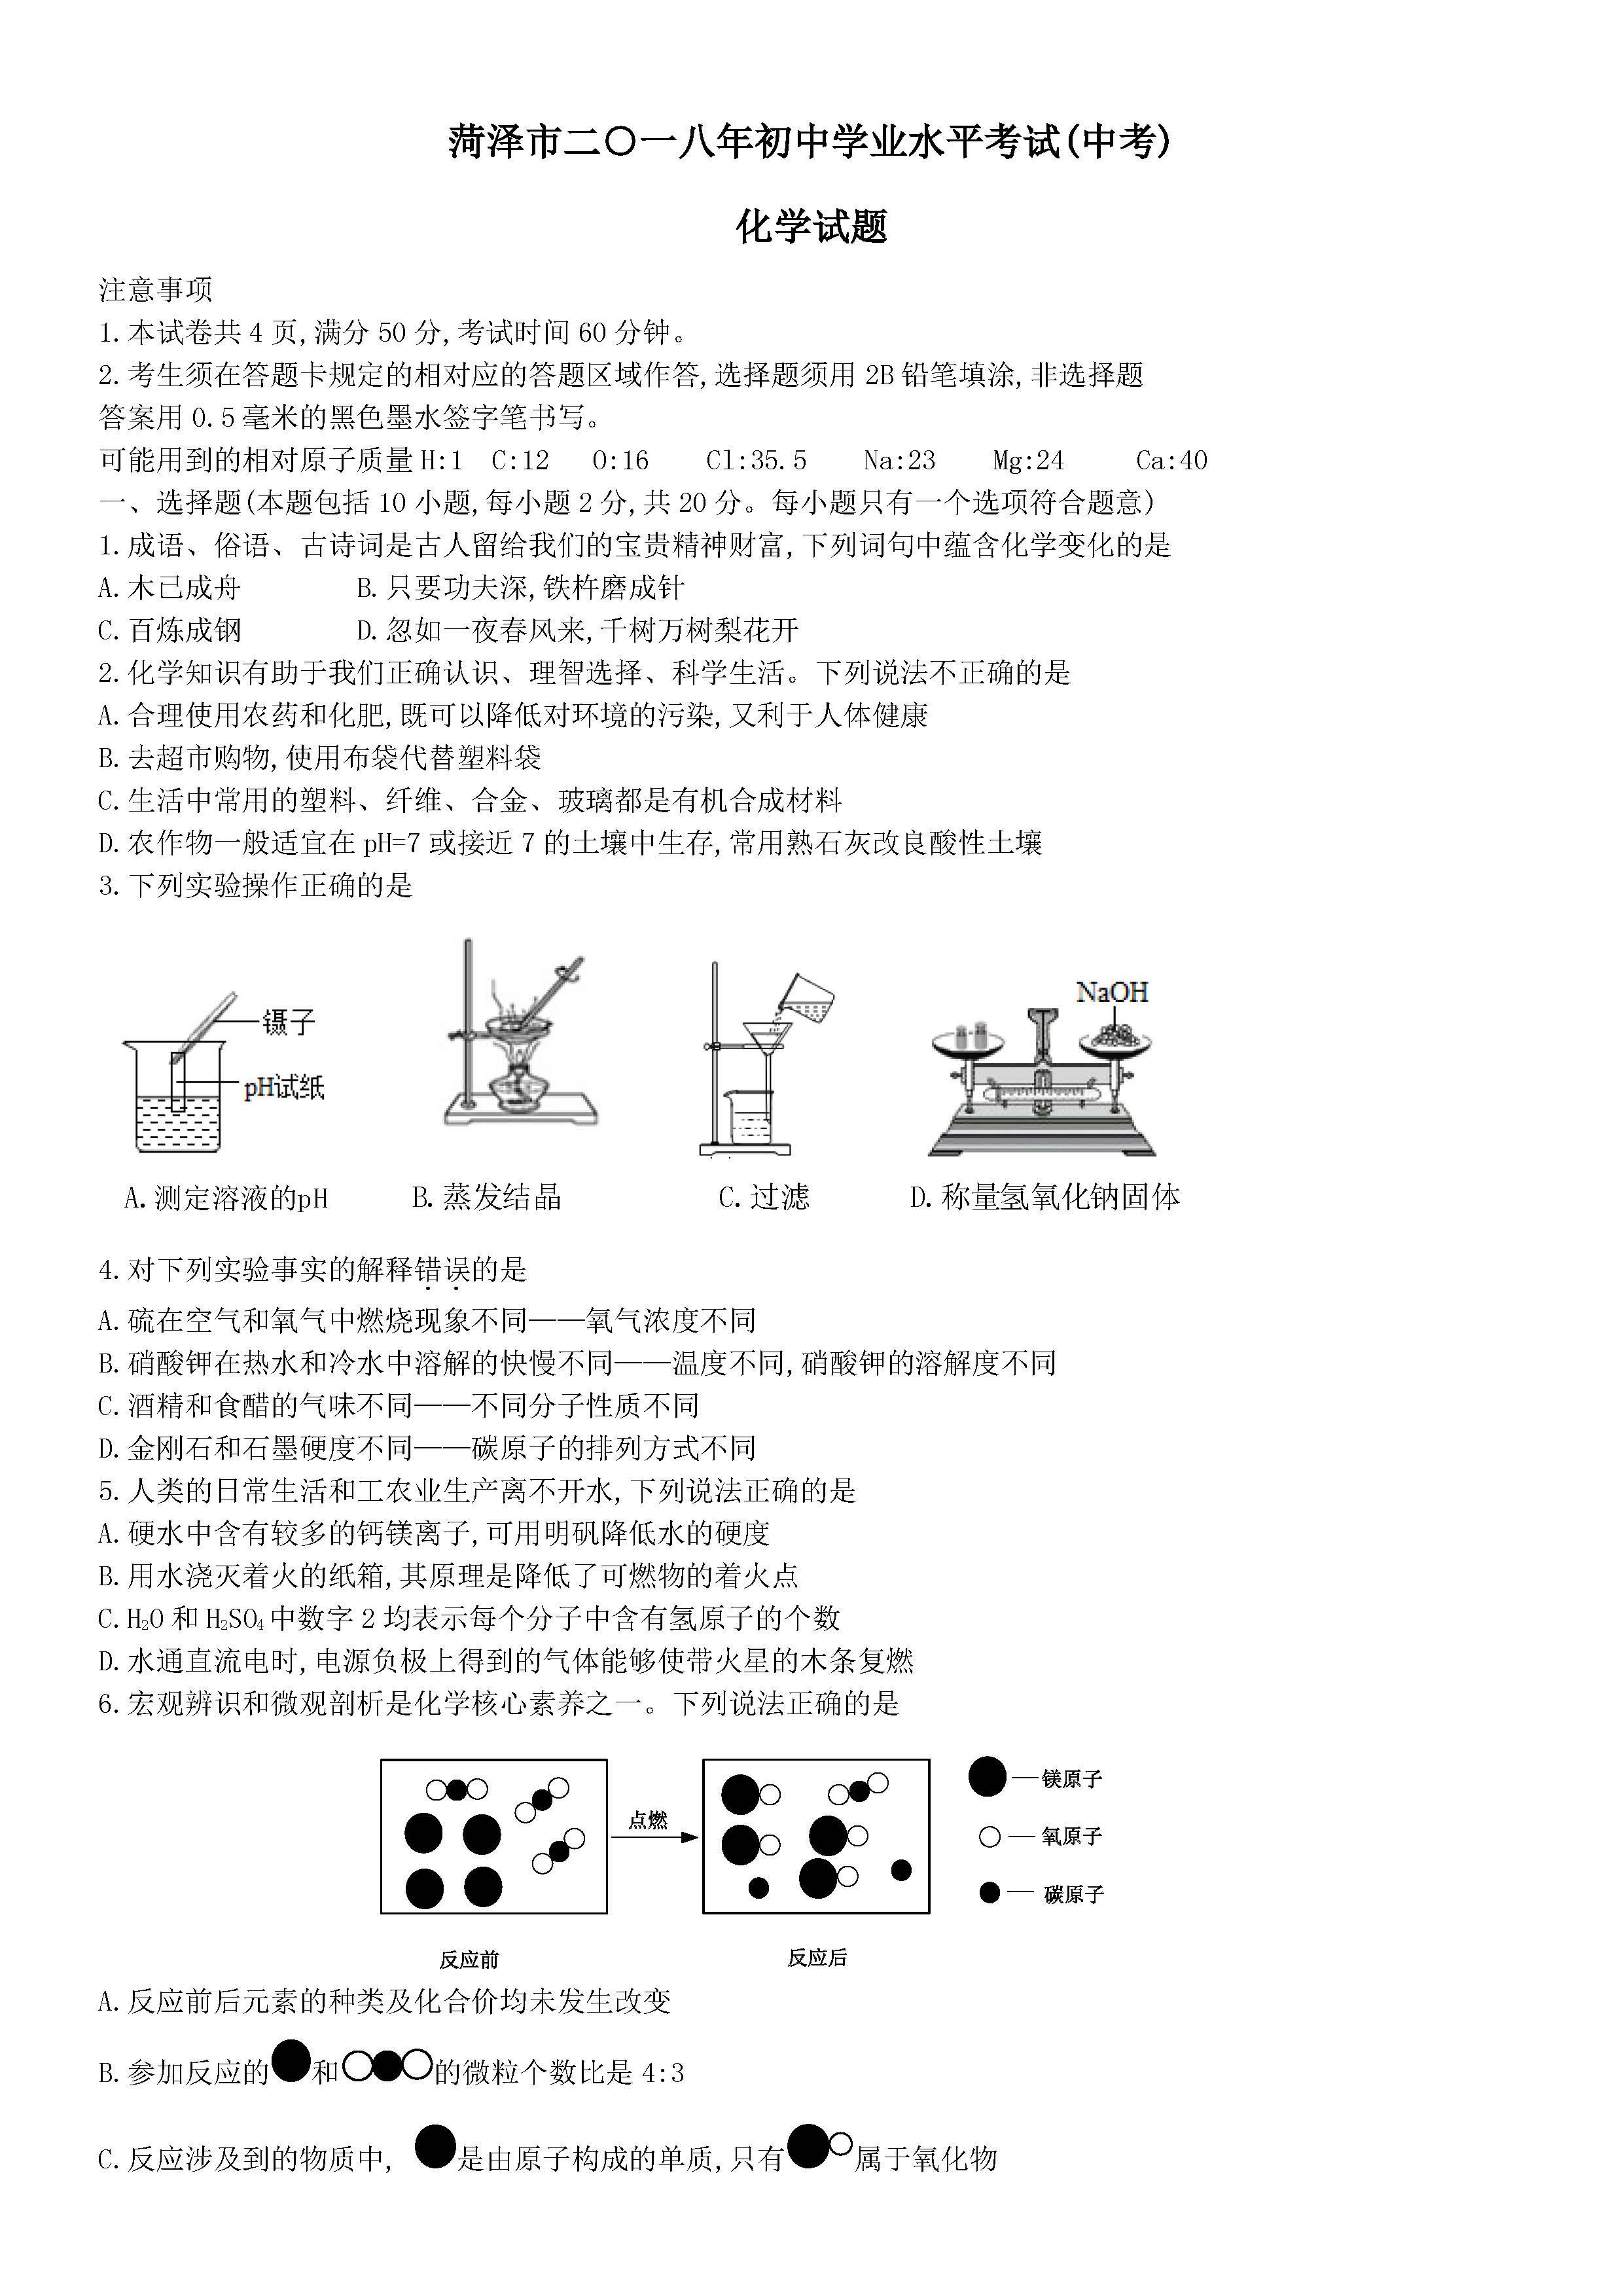 2018菏泽中考化学试题及答案解析(图片版含答案)